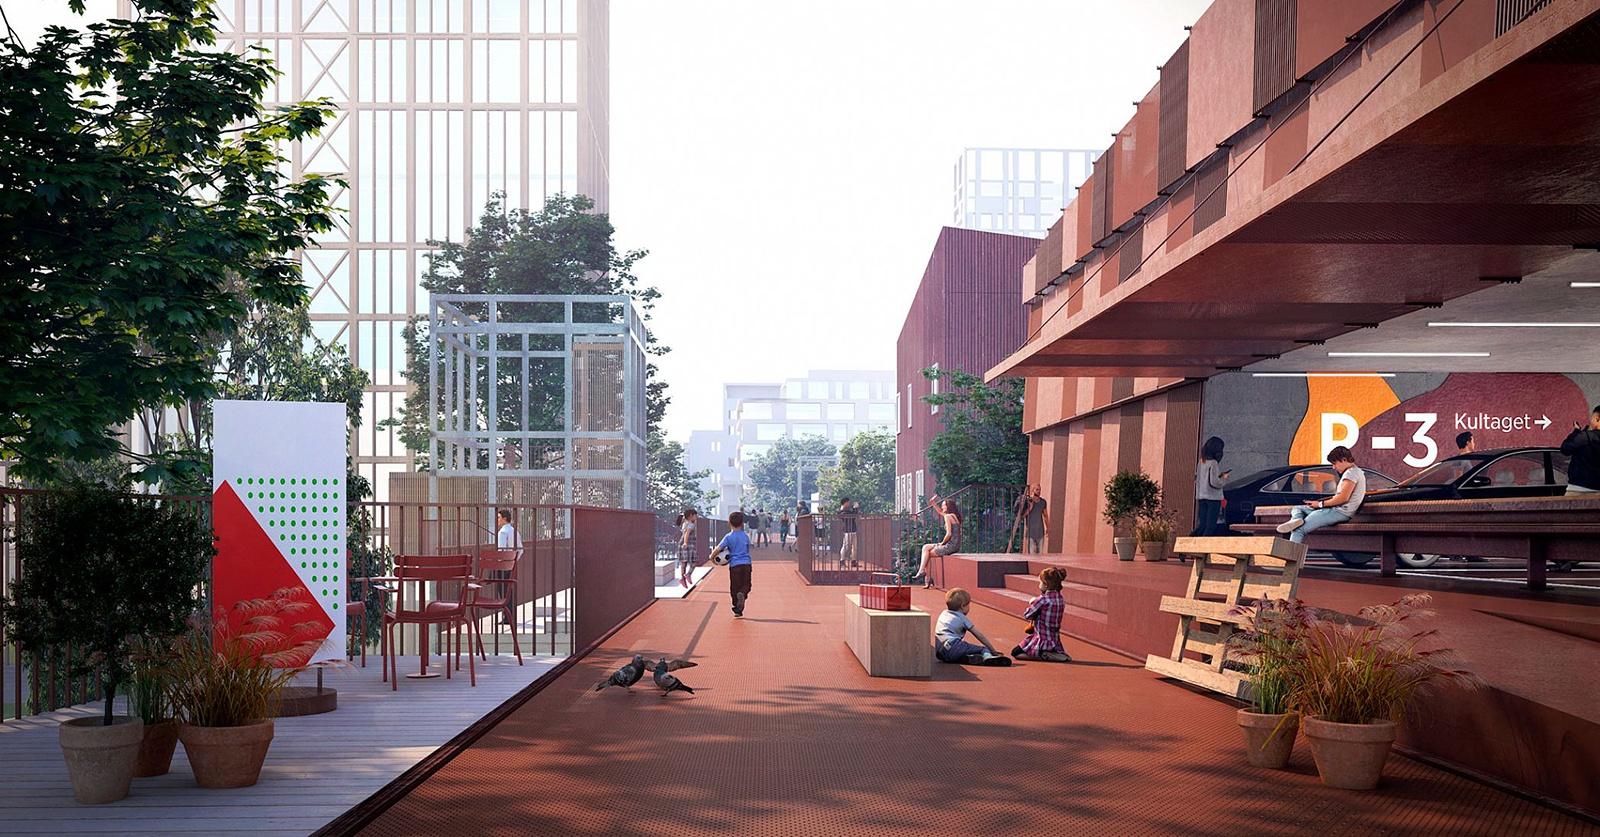 C-F-Moeller-Architects-og-Nordland-Arkitekter-og-vinder-opgaven-om-nyt-parkerings-og-aktivitetshus-i-img-10621-w2100-h1099